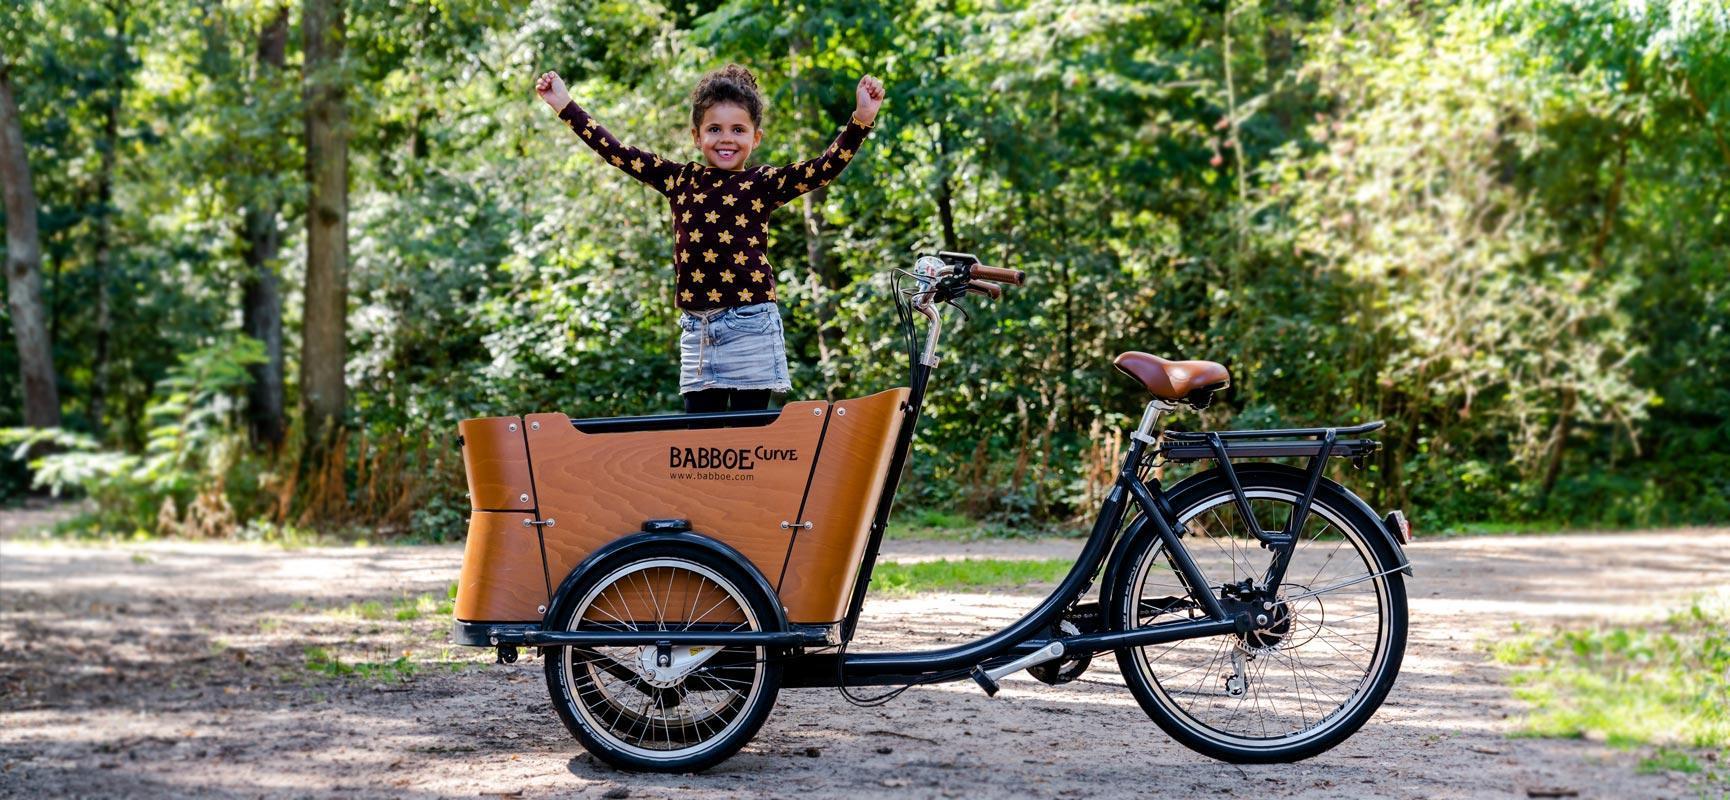 Le meilleur vélo cargo 2021 : nous avons 10 conseils spécialement pour vous